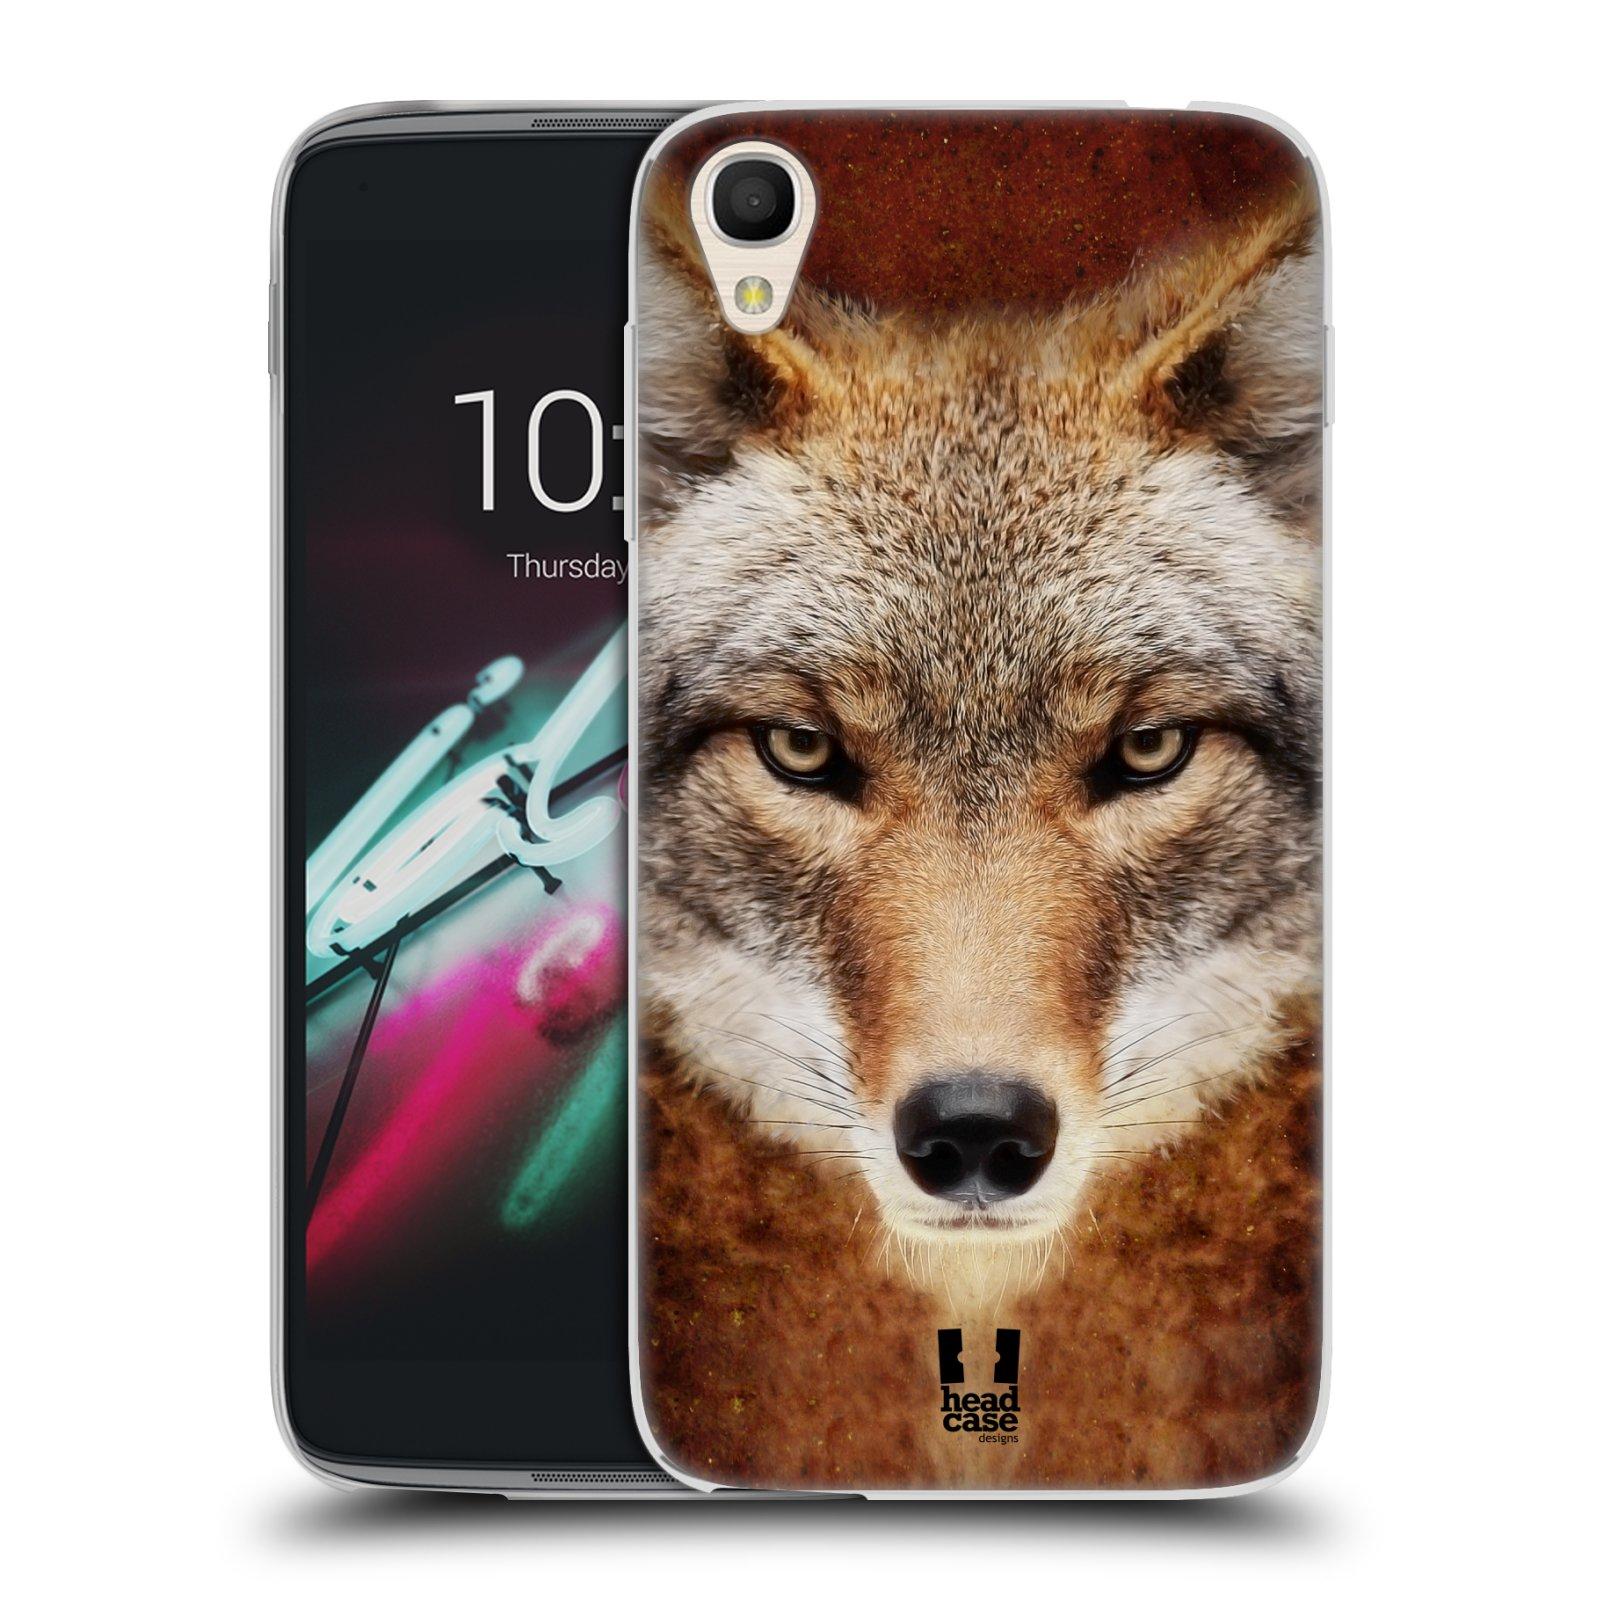 HEAD CASE silikonový obal na mobil Alcatel Idol 3 OT-6039Y (4.7) vzor Zvířecí tváře kojot